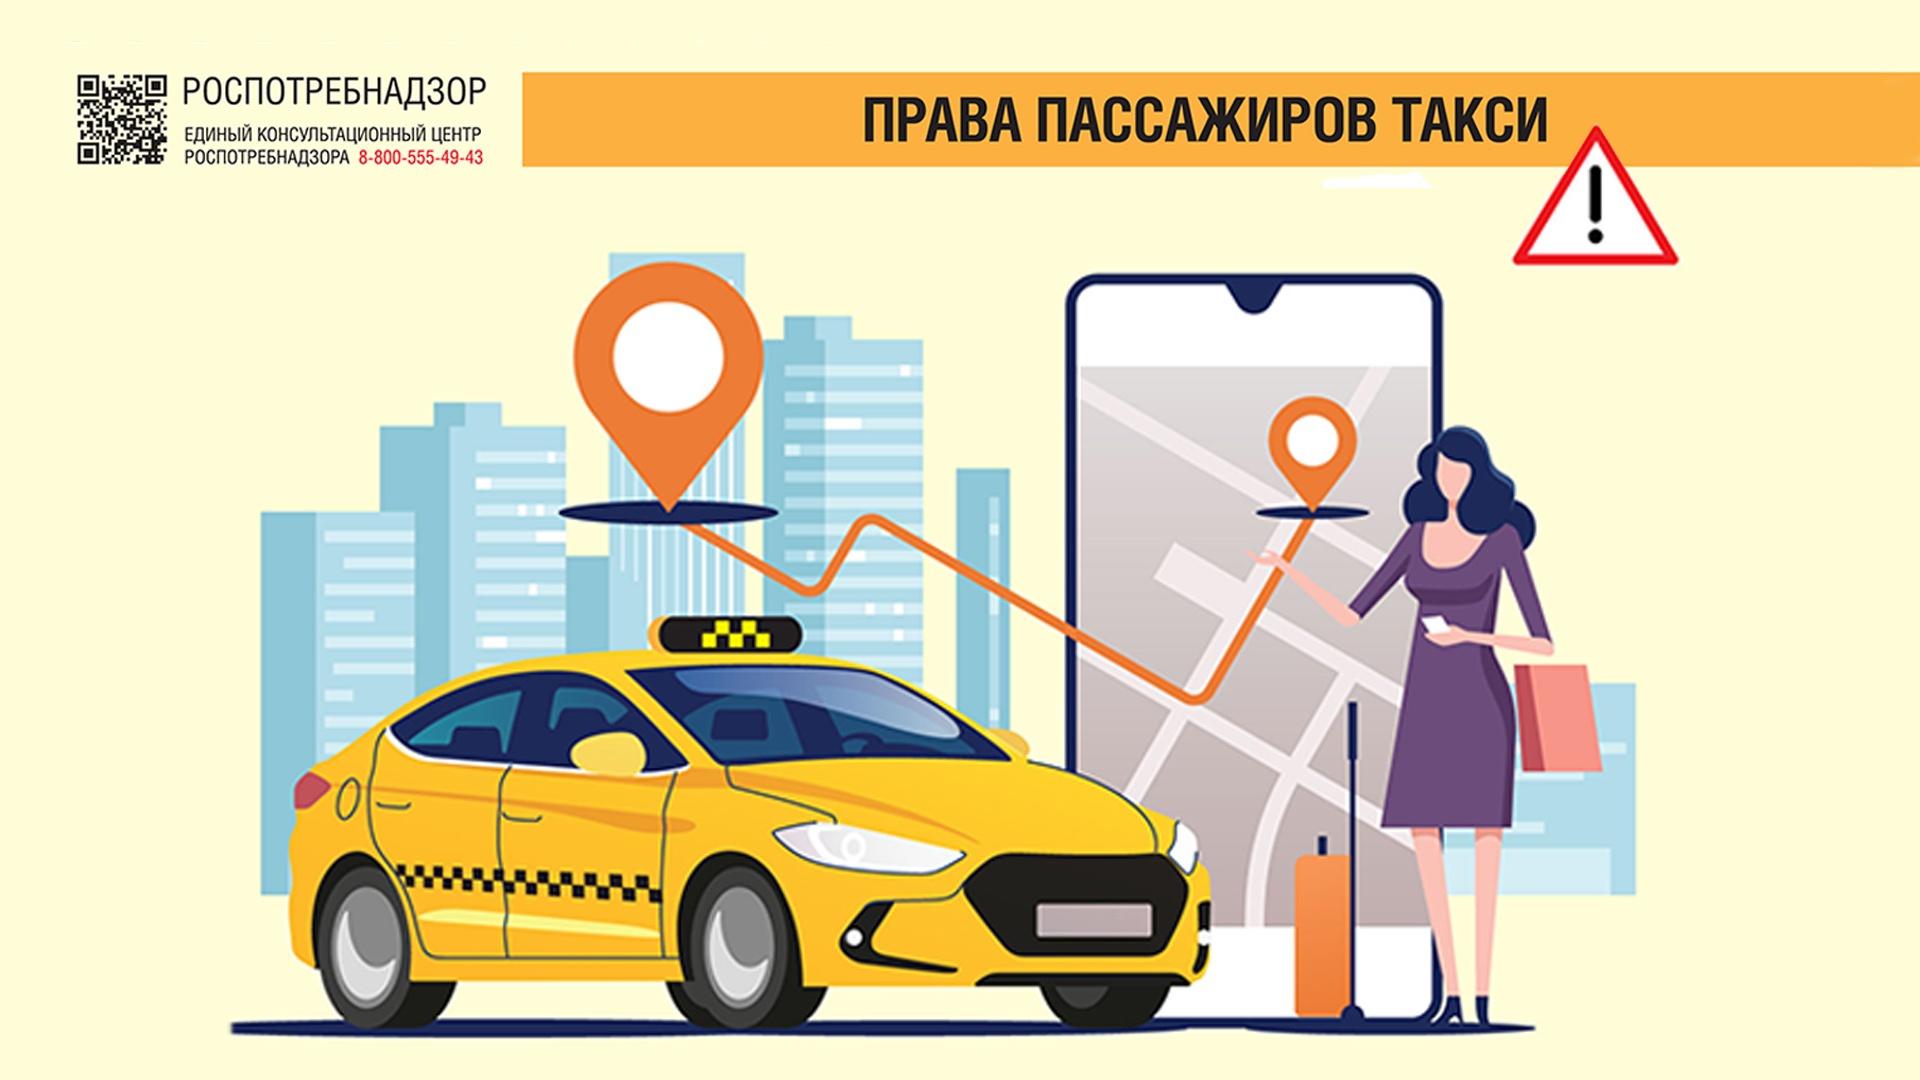 Памятка для пассажиров такси от Роспотребнадзора